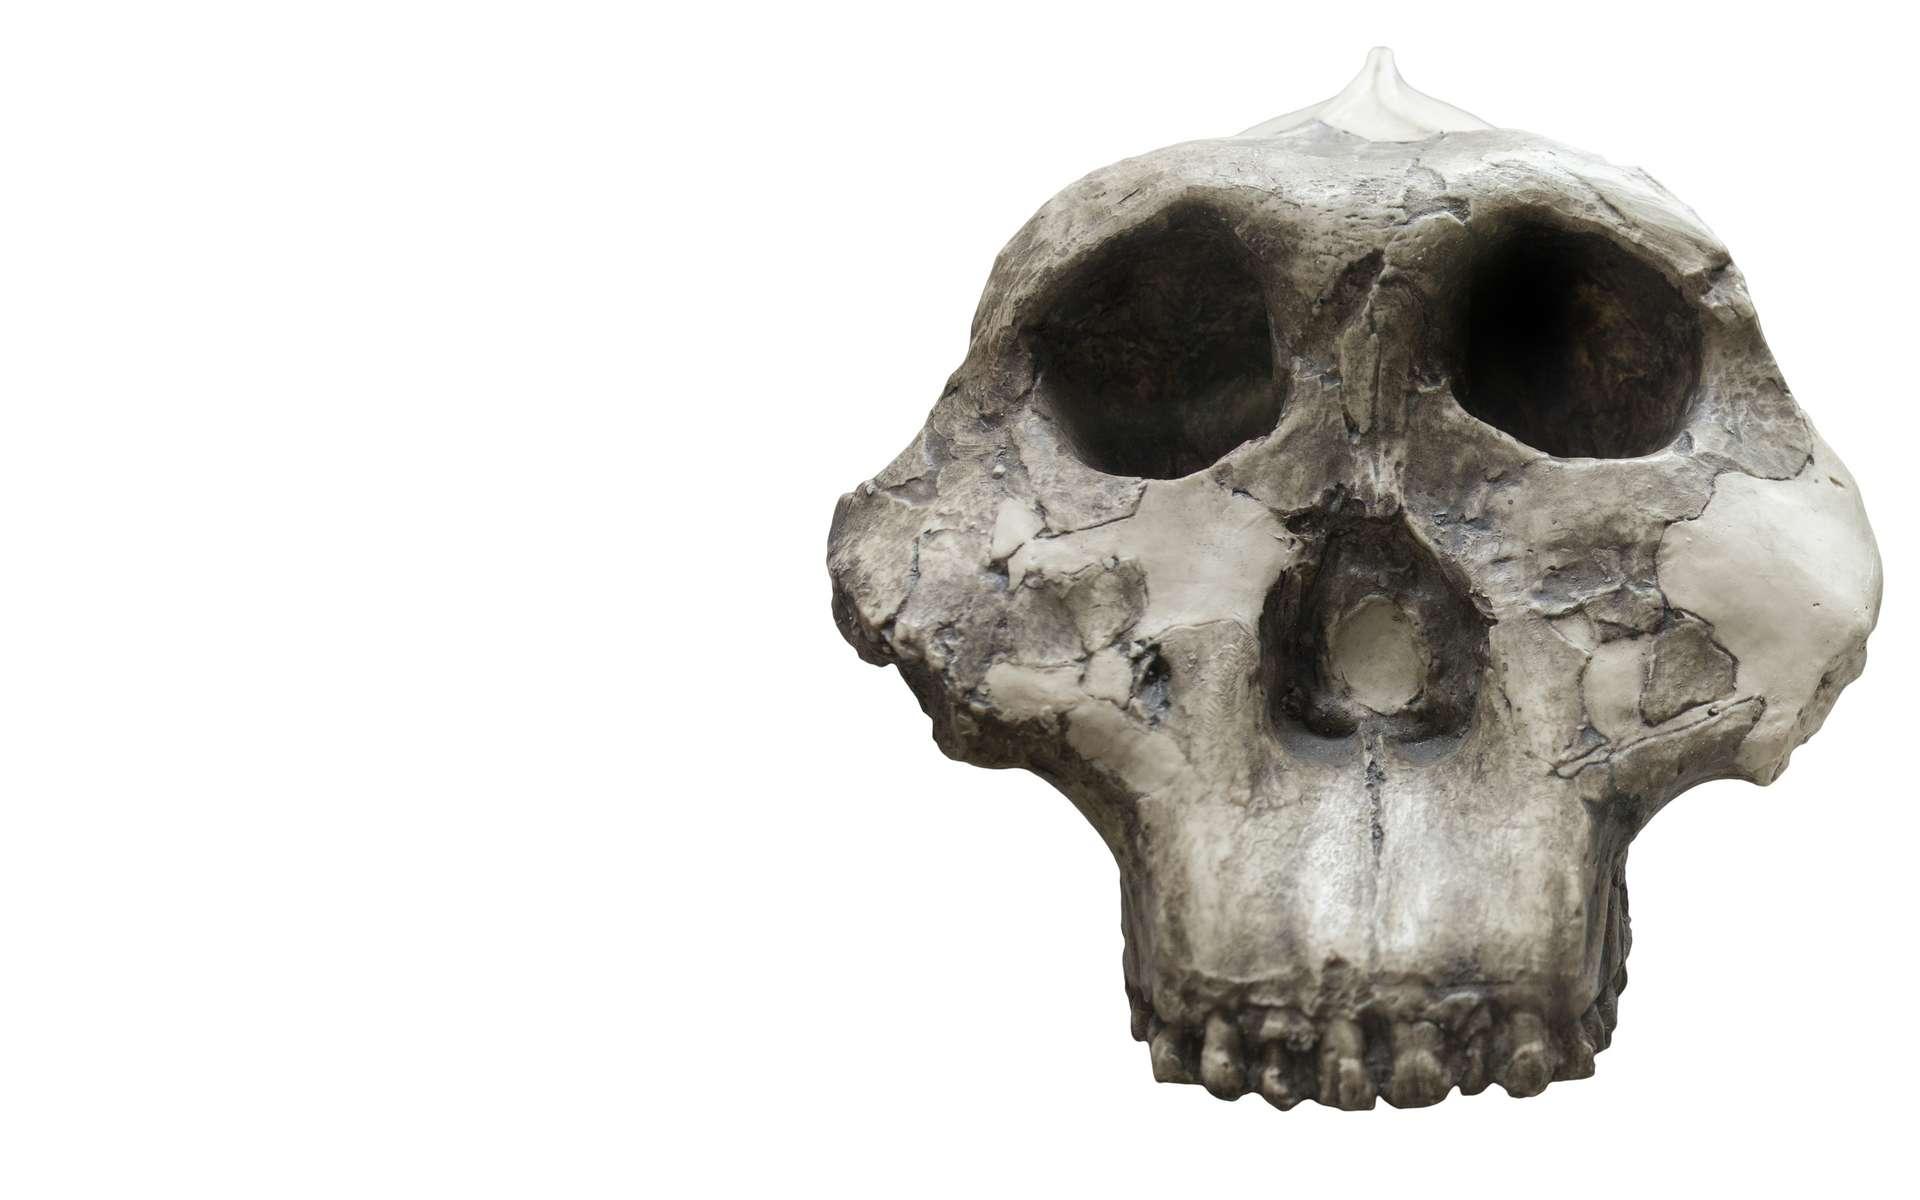 Paranthropus boisei présentait un crâne « robuste » dont la forme diffère largement de celle des humains actuels. © Juan Aunión, Adobe Stock